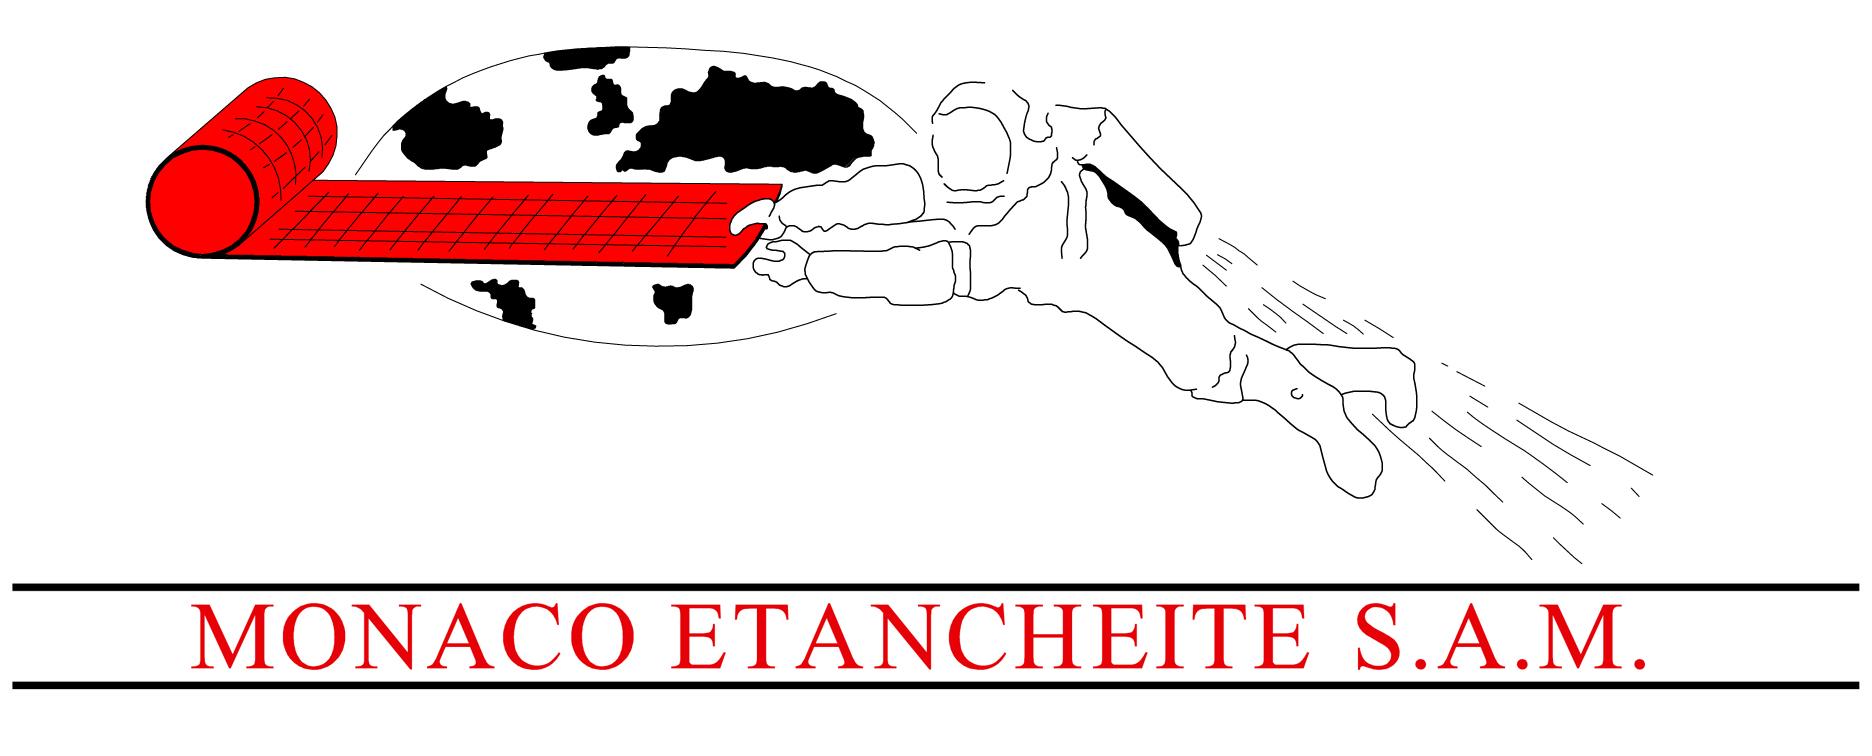 Monaco Etanchéité S.A.M